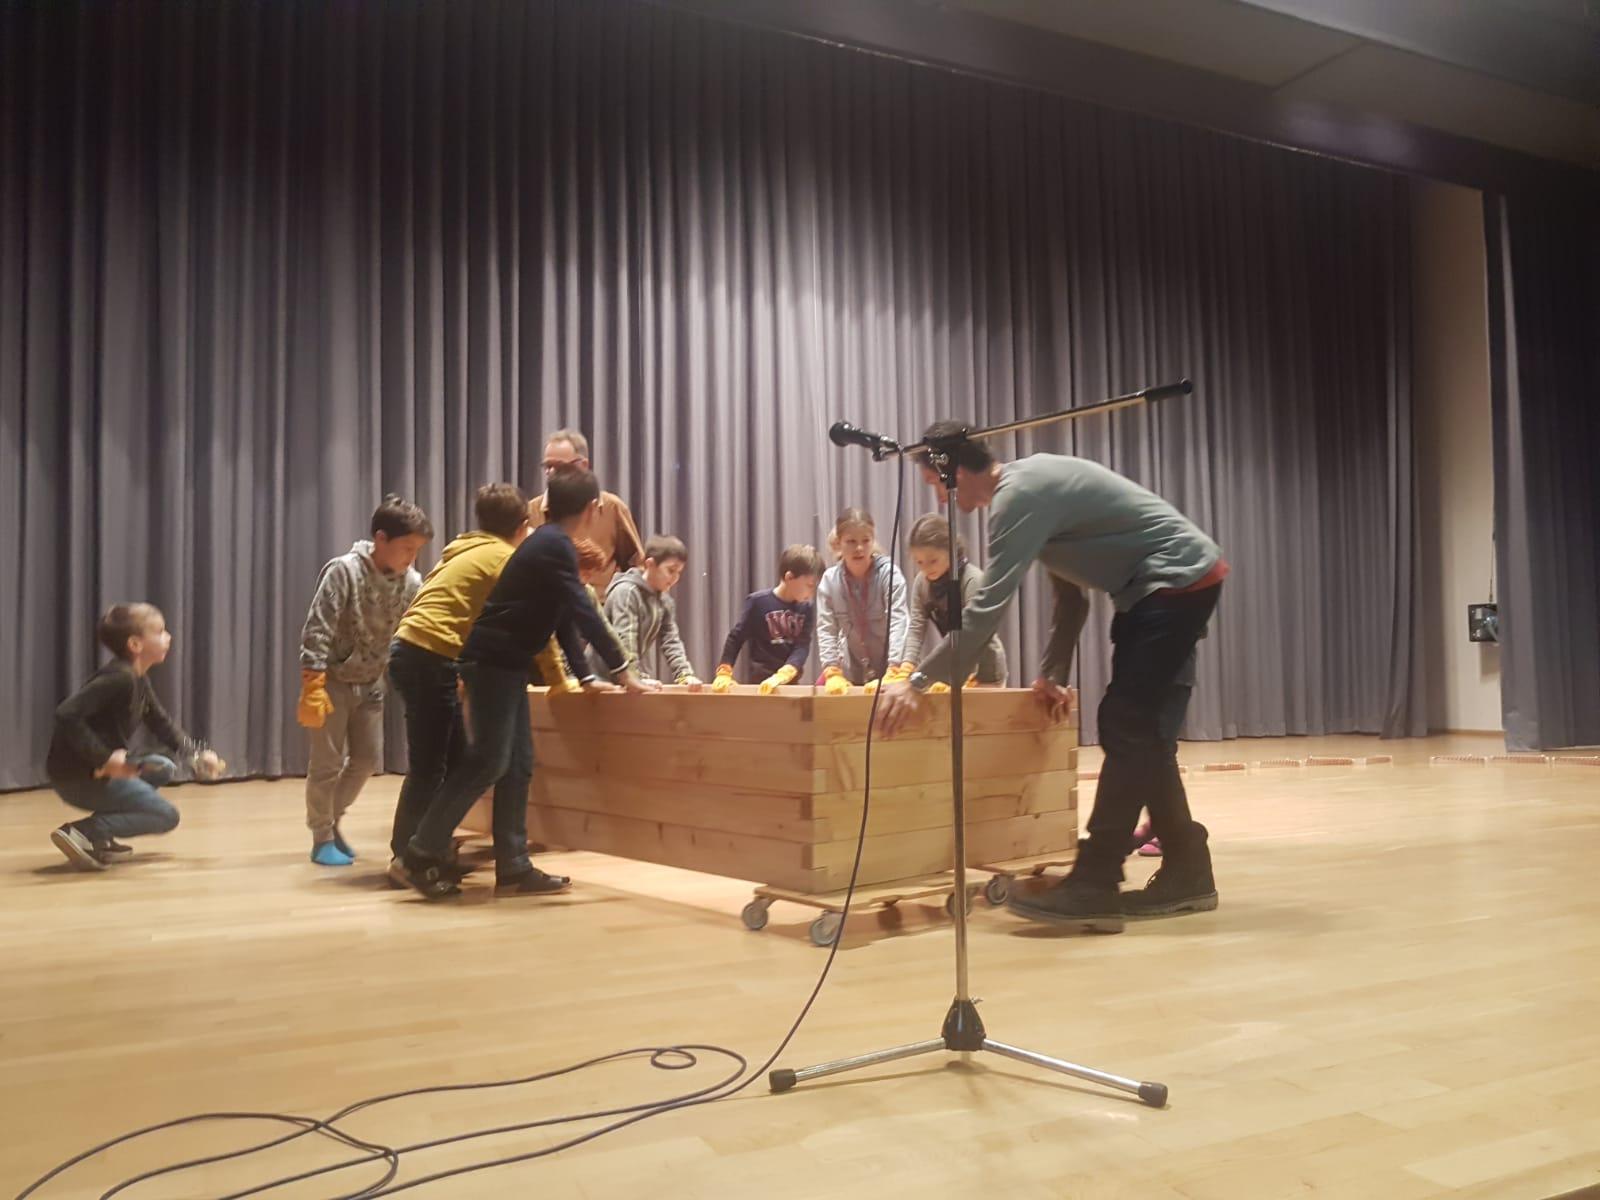 Übergabe des PflanzenWelten-Hochbeetes an die Schönberg Grundschule in Freiburg - St. Georgen (Foto: Schule)